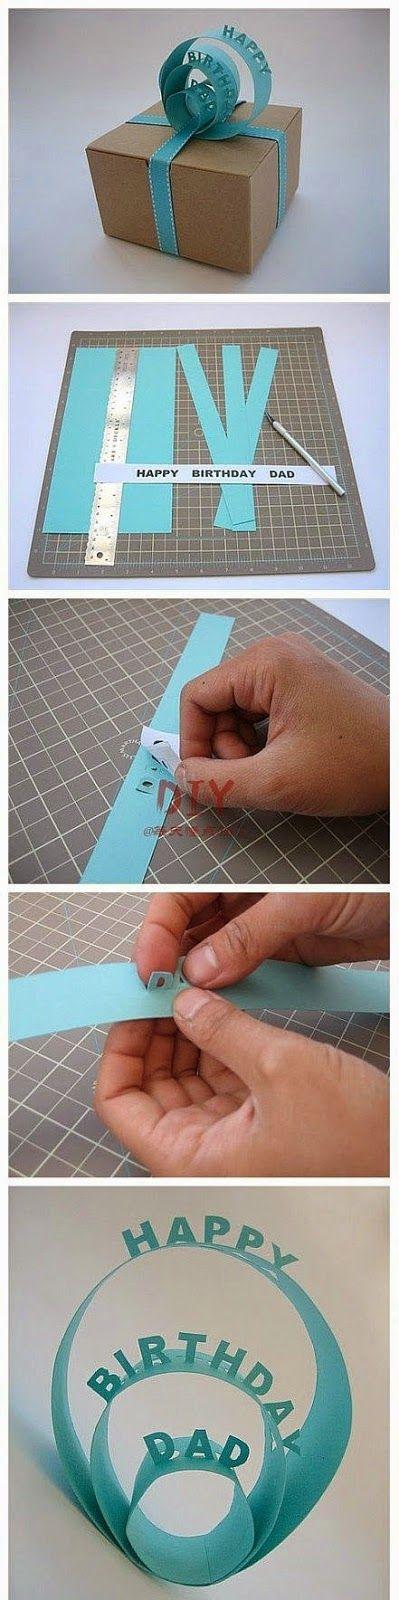 Birthdaycard DIY / Geburtstagskarte selber machen